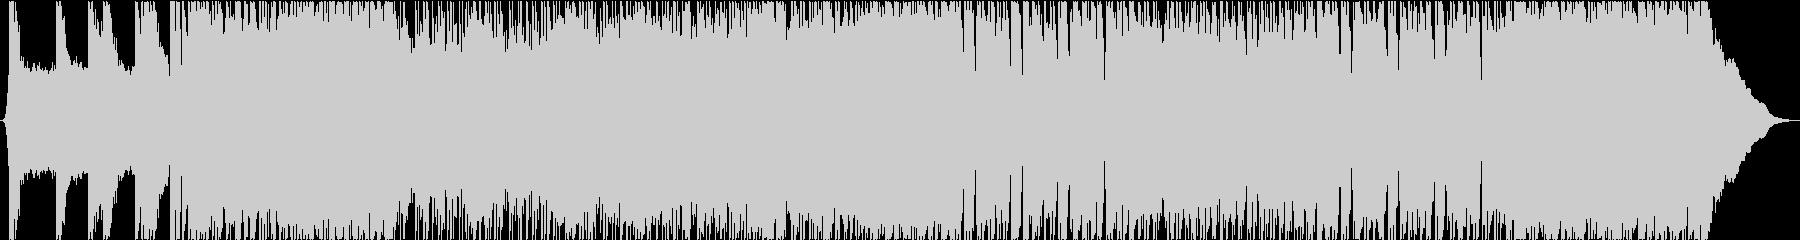 クールなヴィンテージロックの未再生の波形